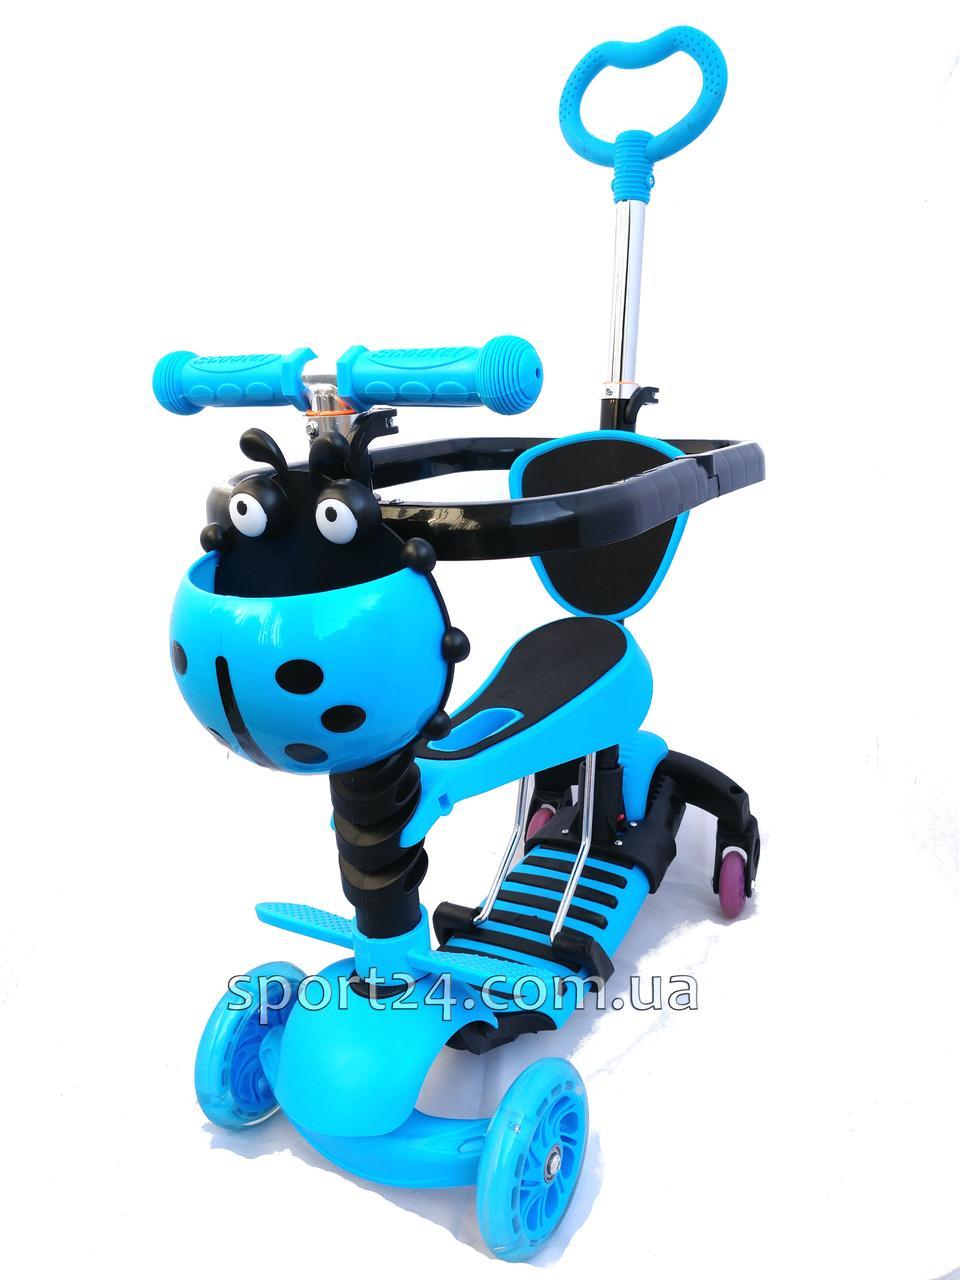 Самокат Scooter 5 в 1 Голубая коровка с ручкой, бампером, подножкой и поворотными колесами (от 1 года)